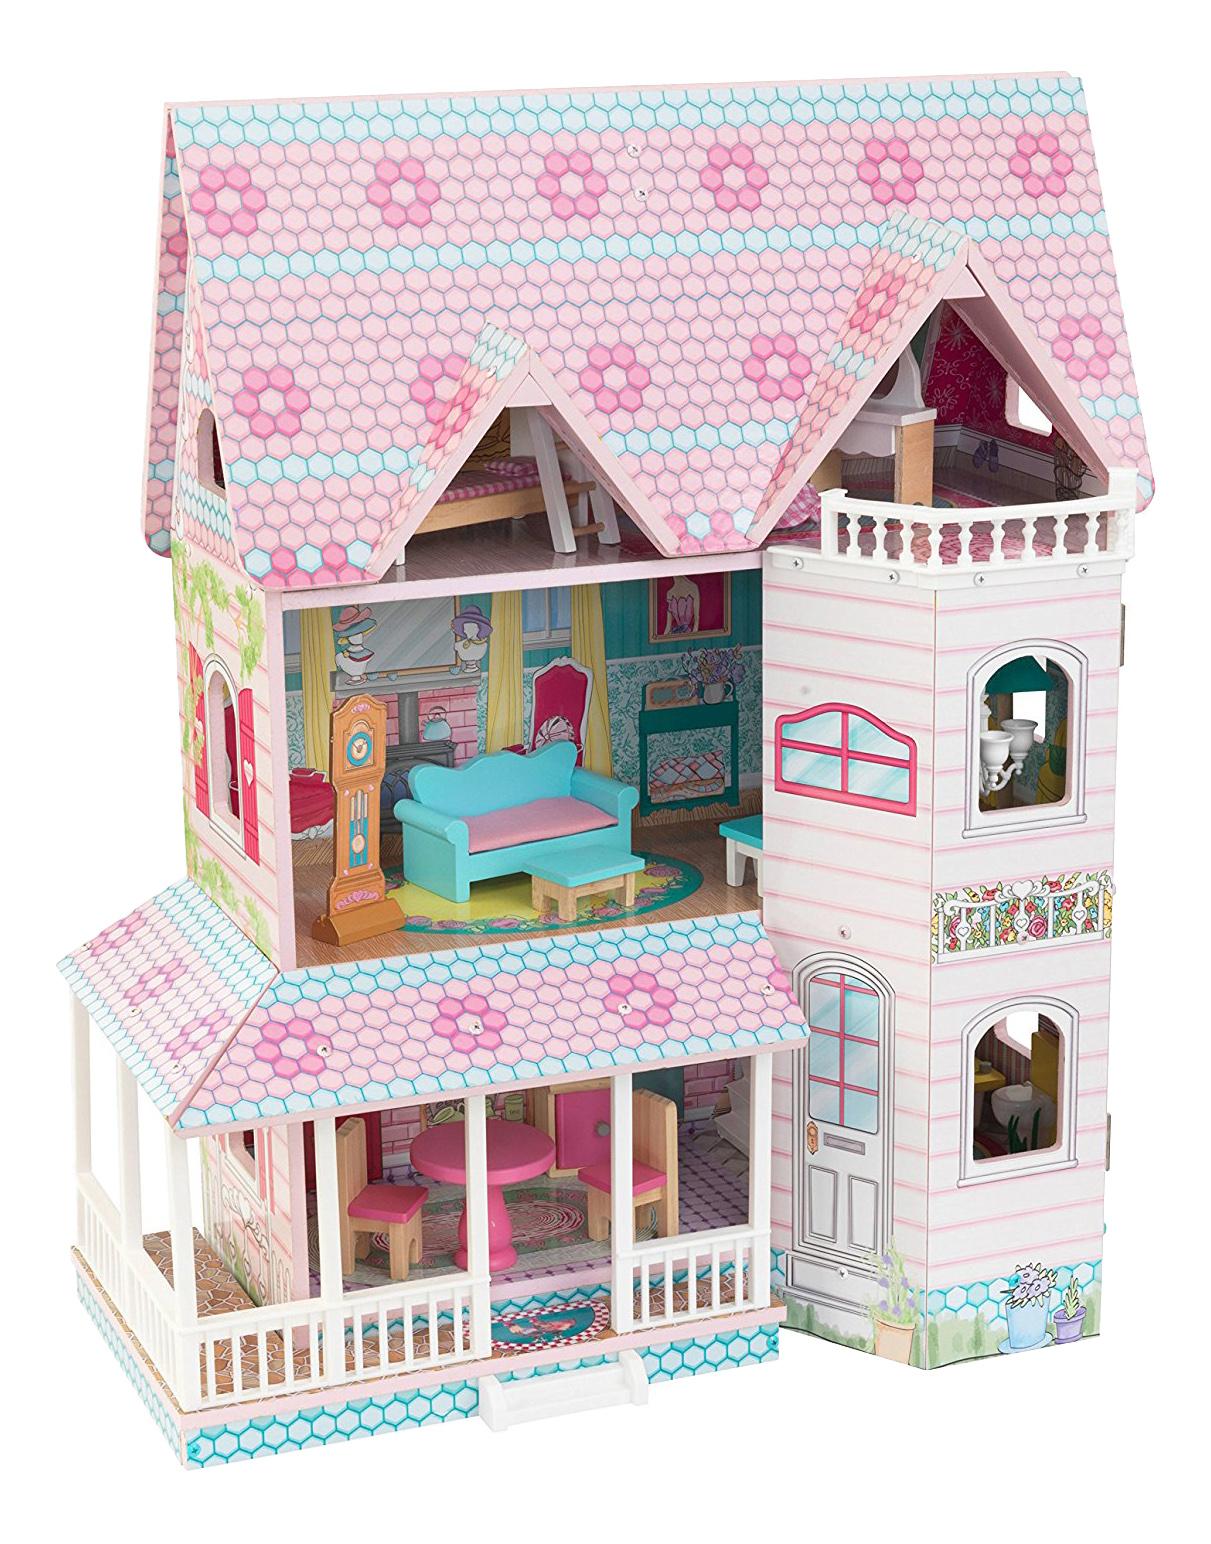 Домики для барби 30 см, Домики для Barbie 30 см KidKraft 65941_KE, Кукольные домики  - купить со скидкой